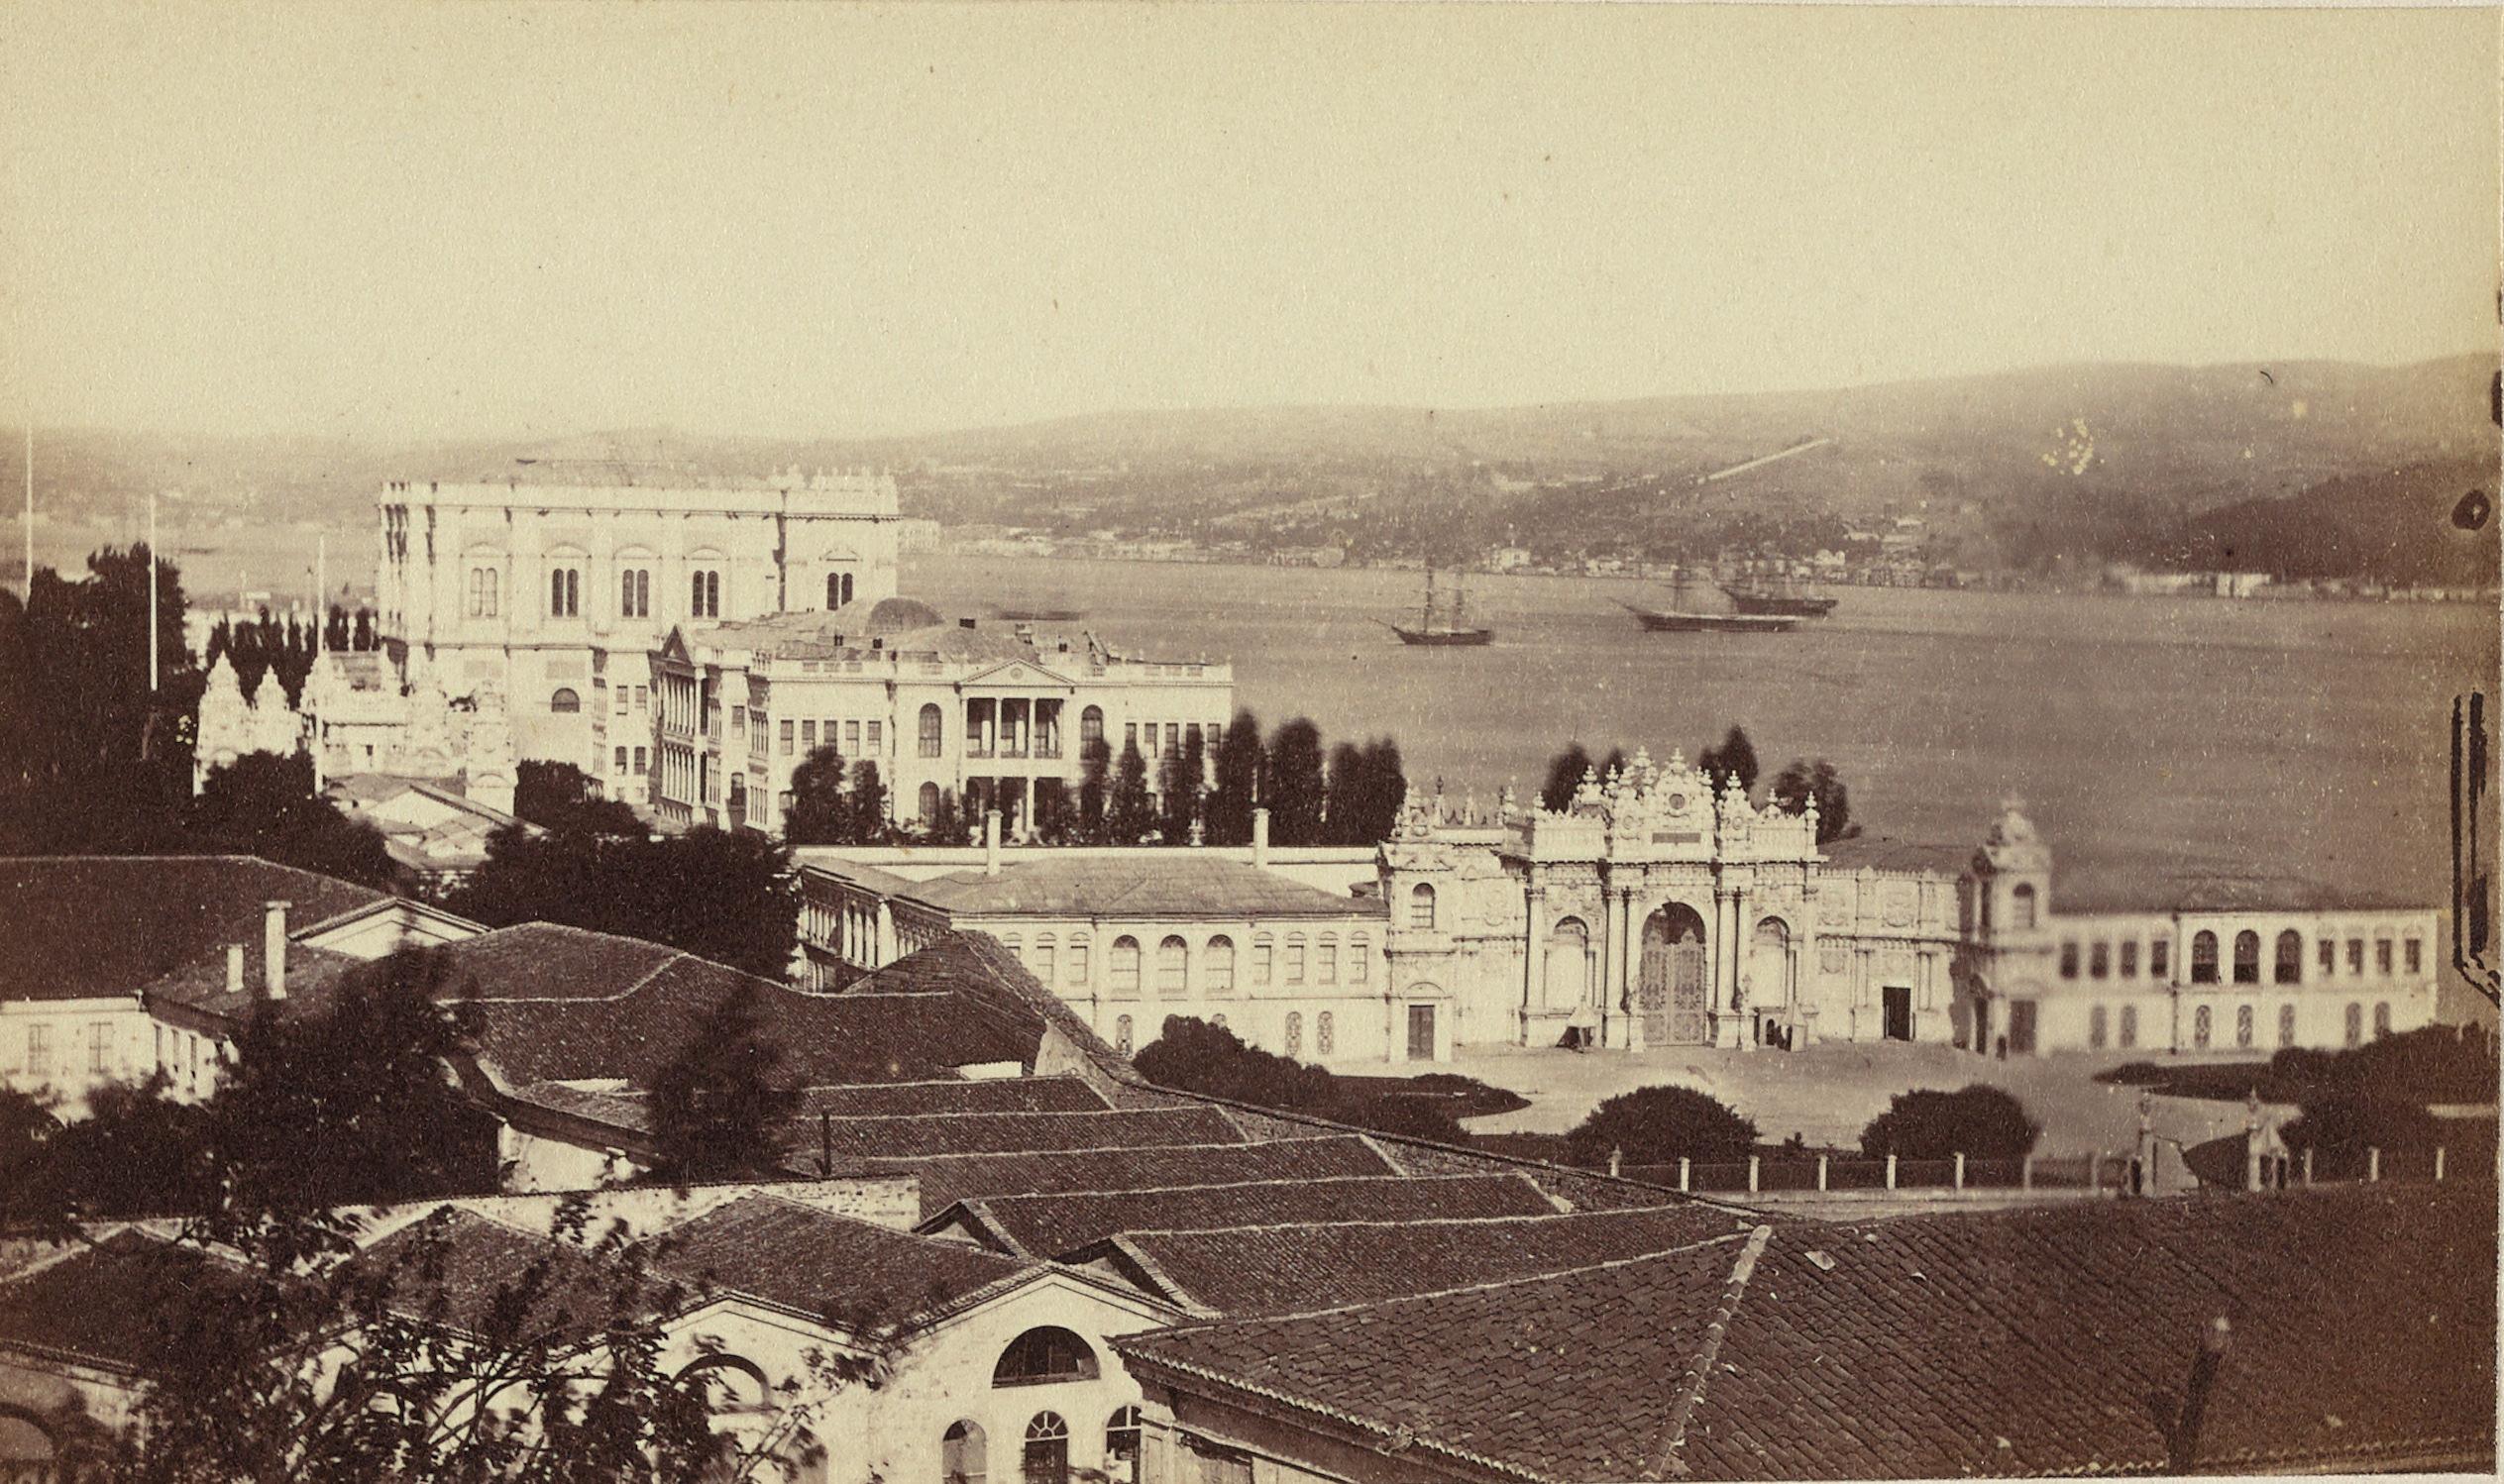 Dolmabahçe Sarayı / Pascal Sébah Fotoğrafı / 1870 | Eski İstanbul Fotoğrafları Arşivi